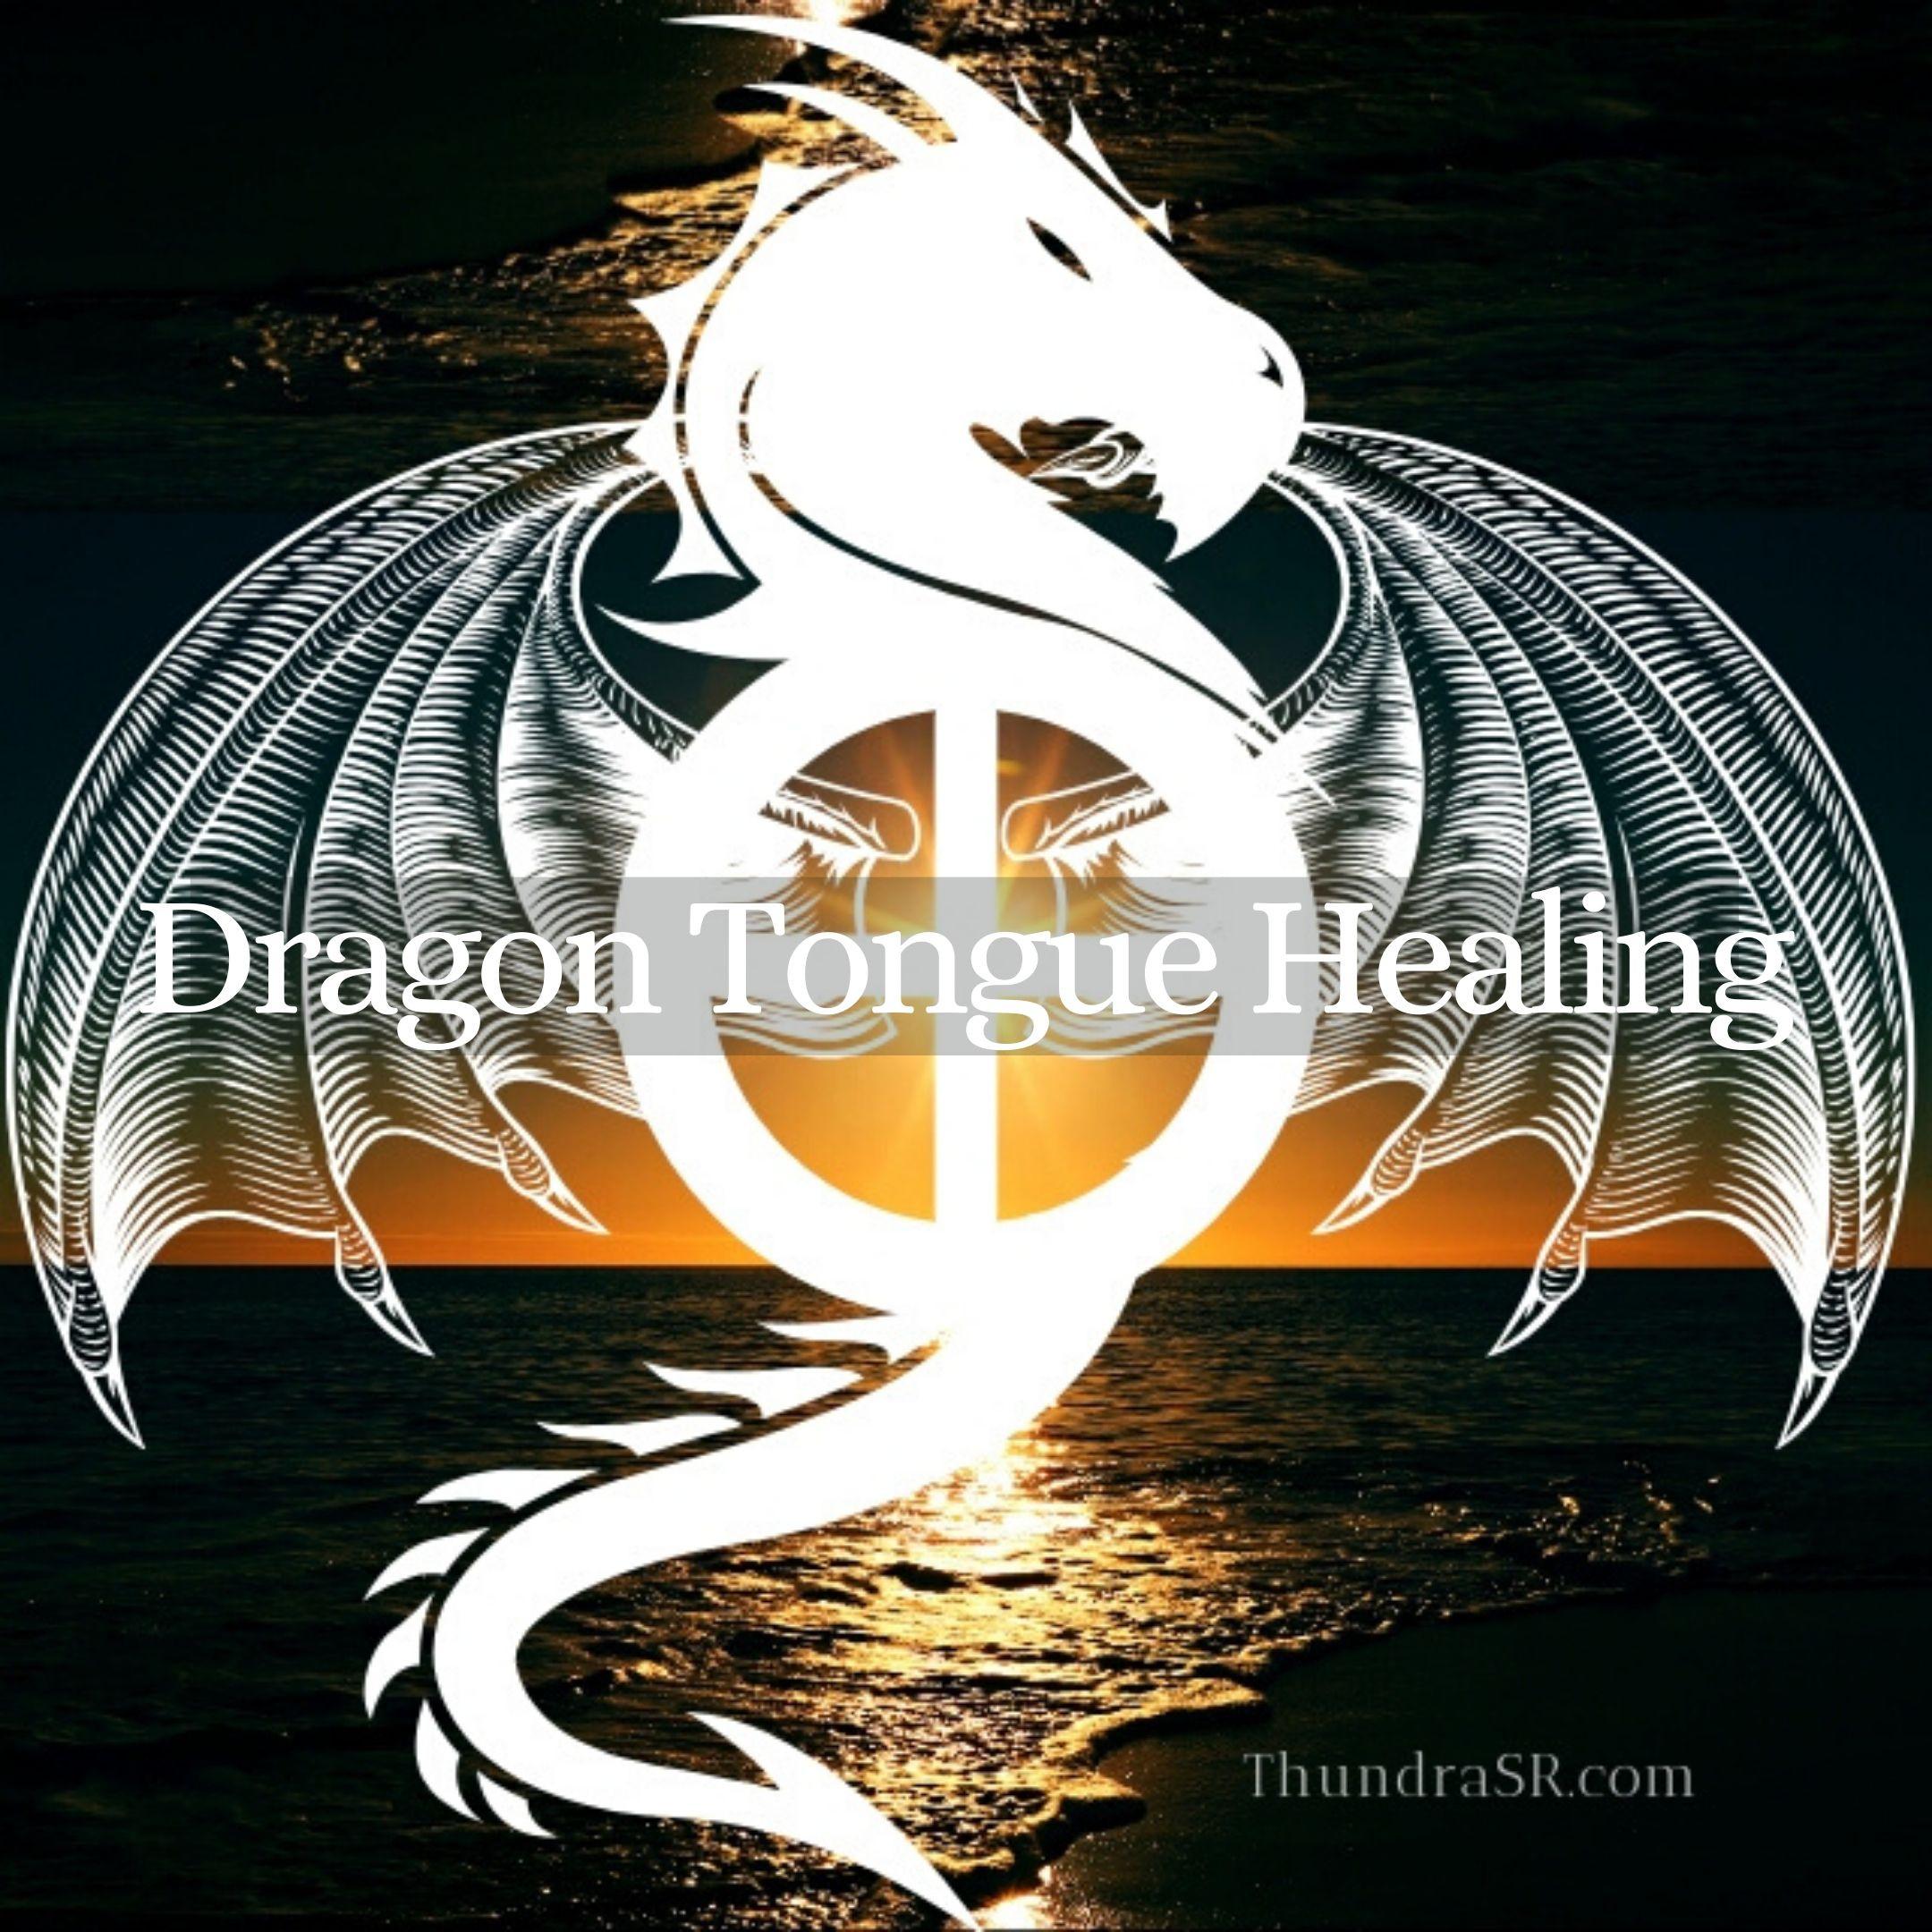 Dragon Tongue Healing